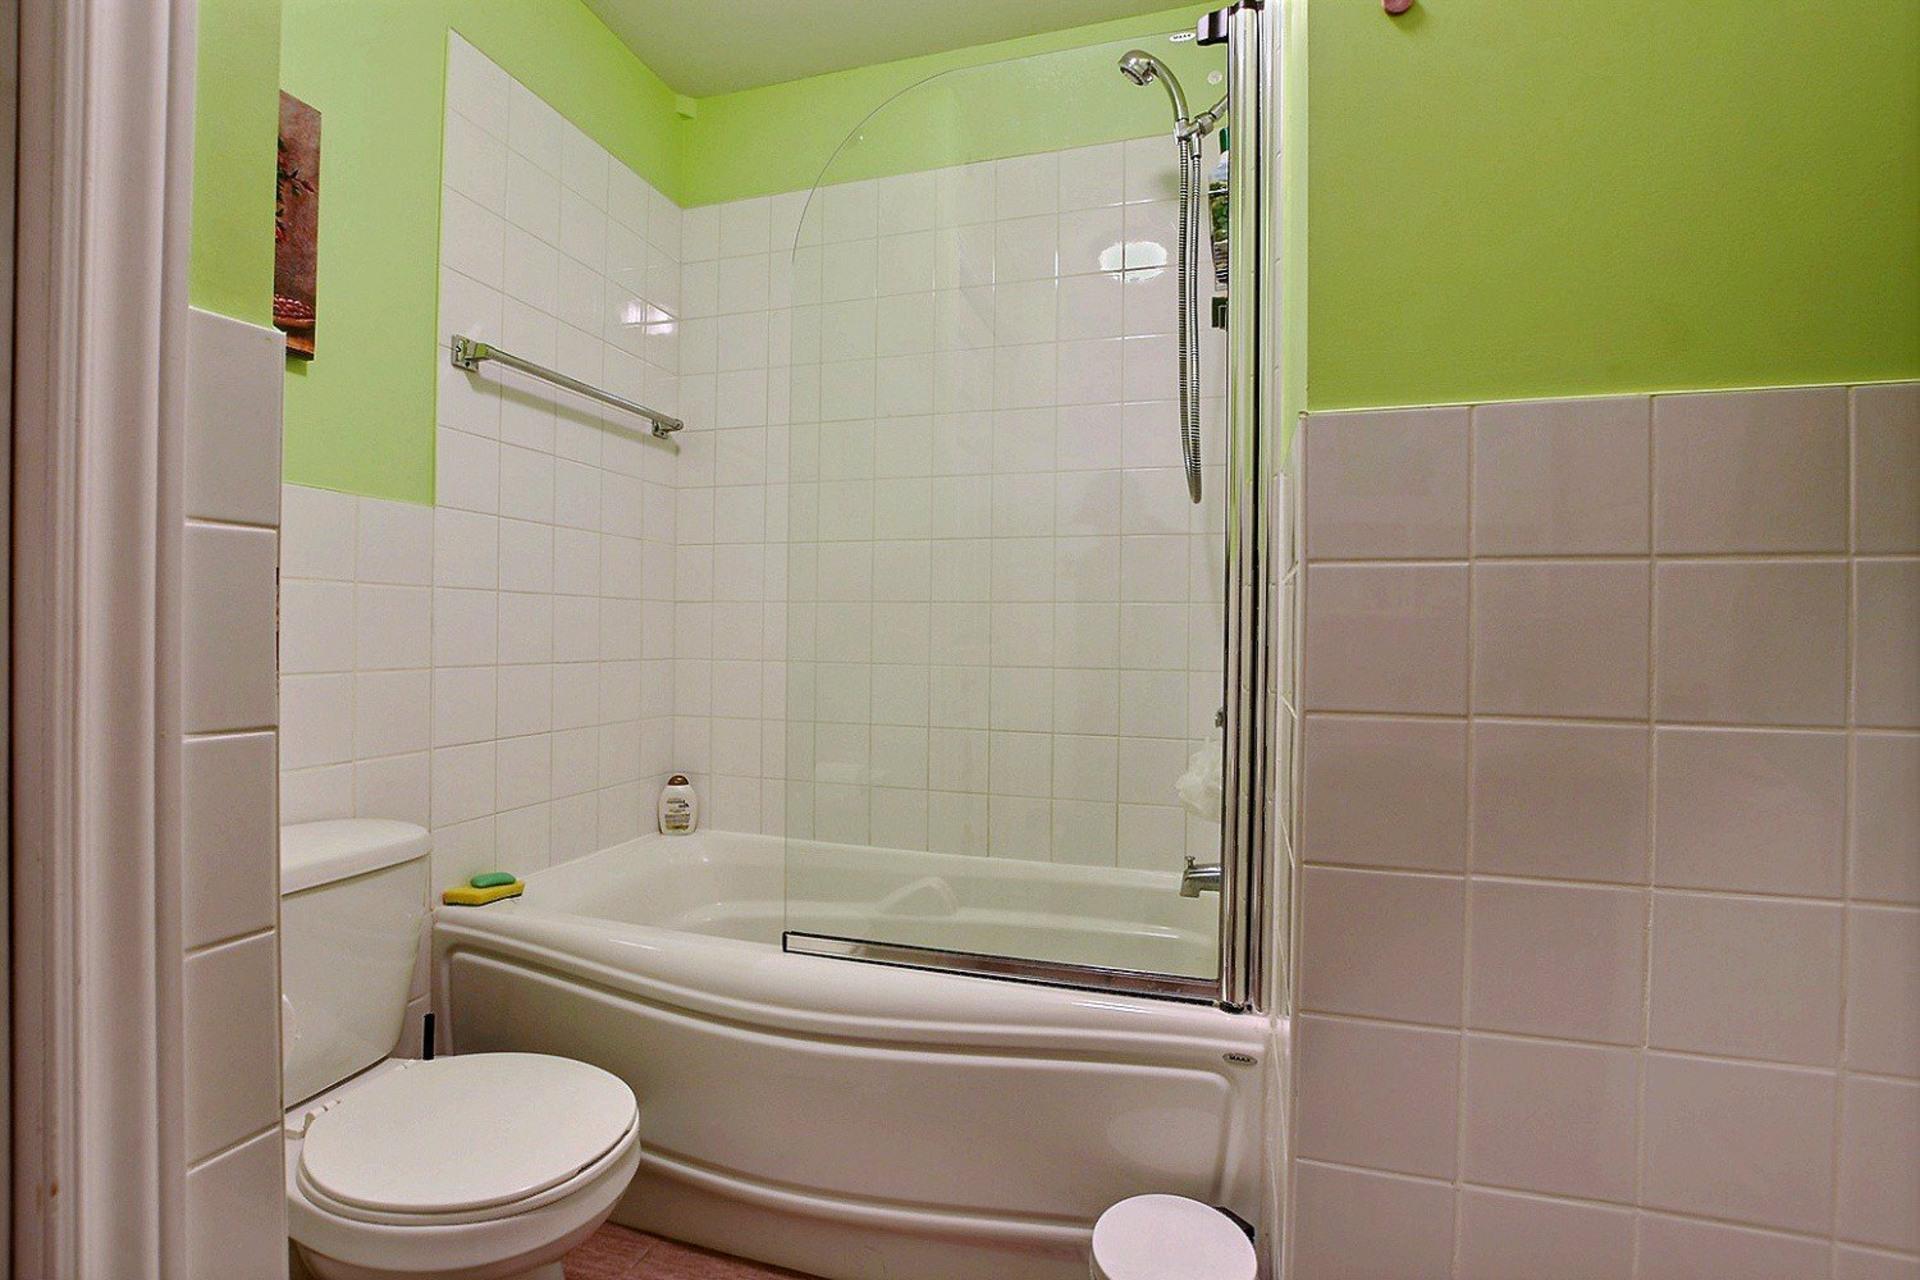 image 13 - Apartment For sale Montréal Côte-des-Neiges/Notre-Dame-de-Grâce  - 4 rooms